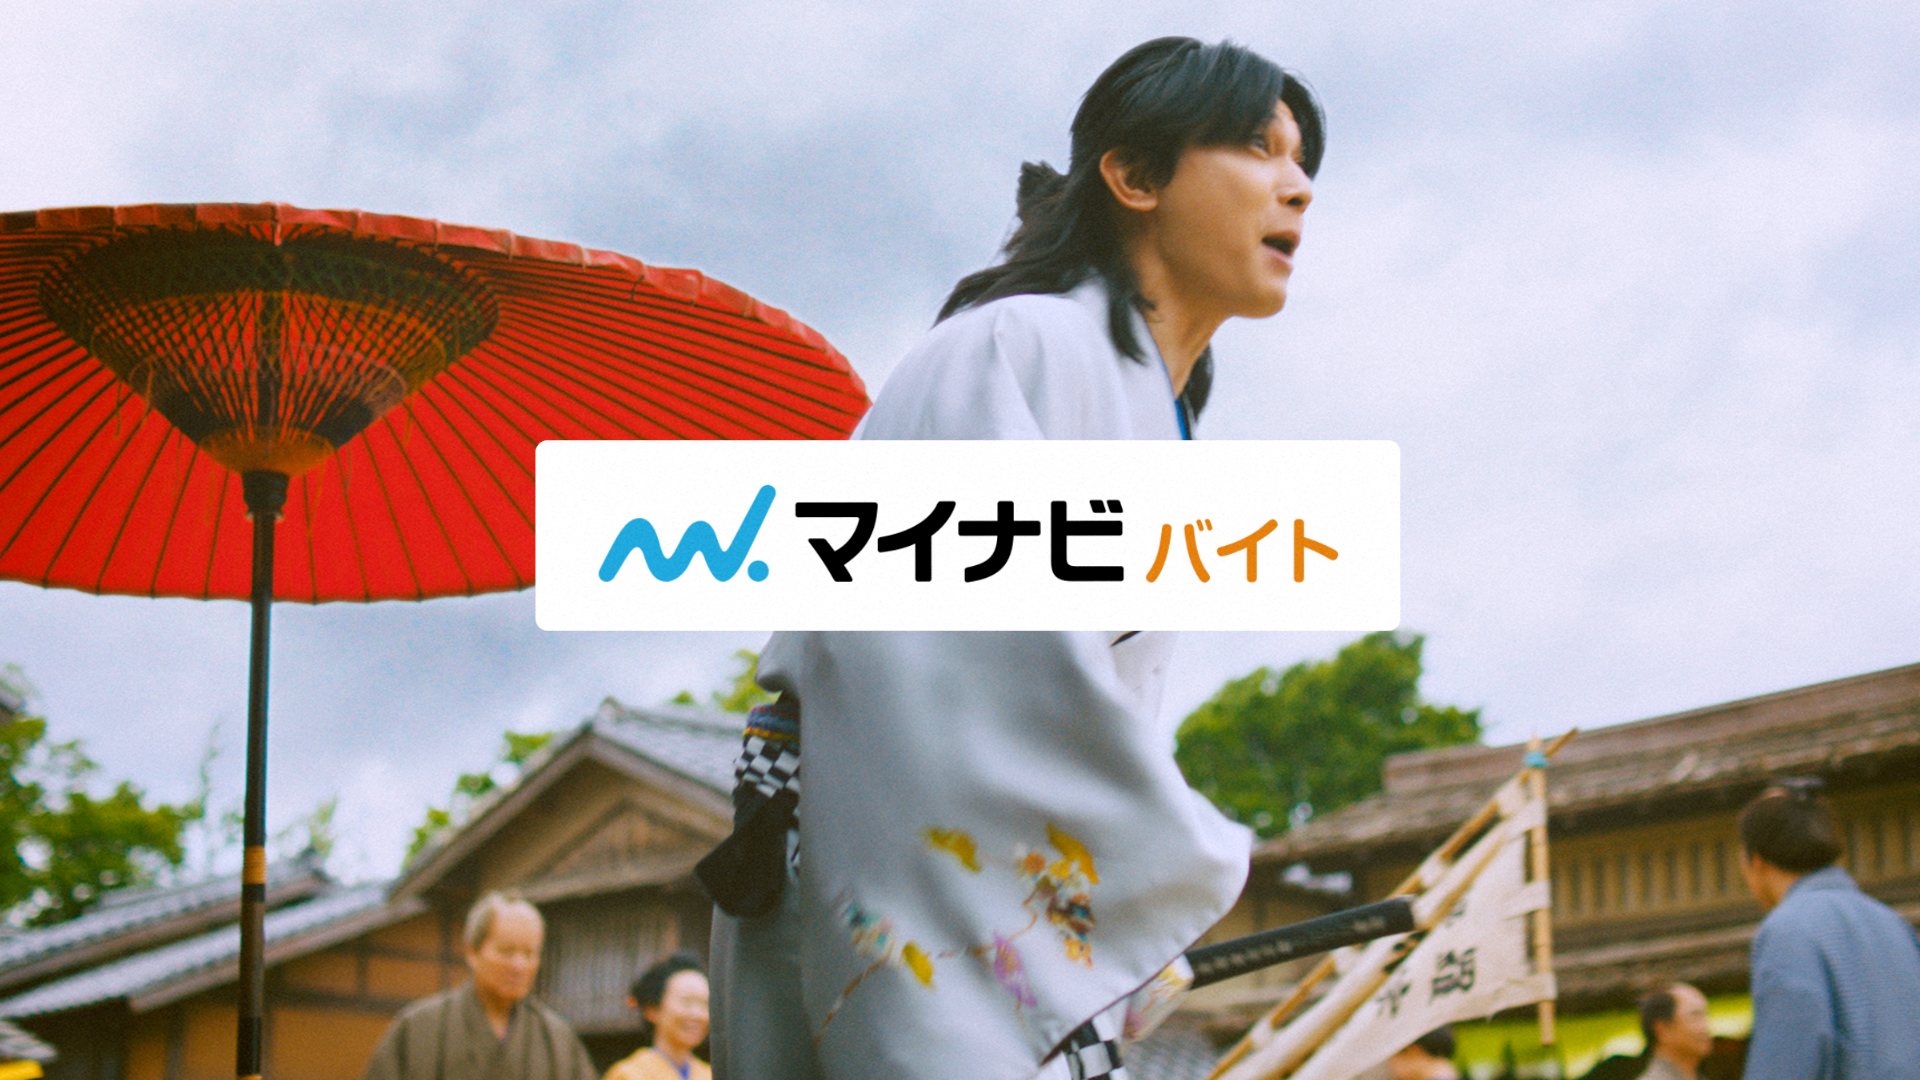 マイナビ 吉沢 亮